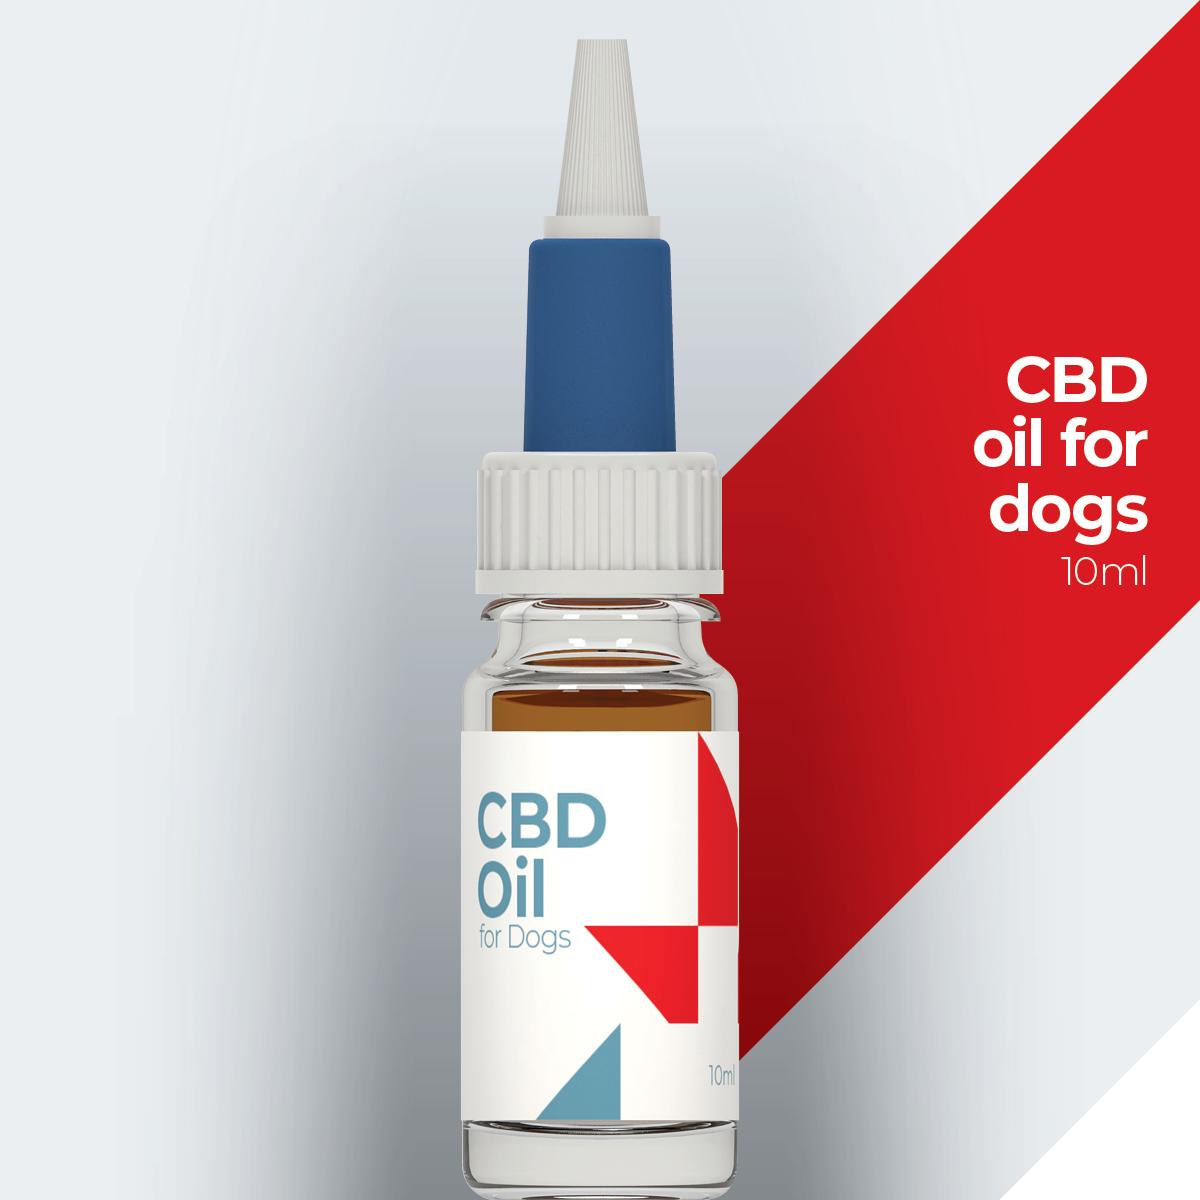 Labocan white label and private label cbd oil for dogs (10ml)